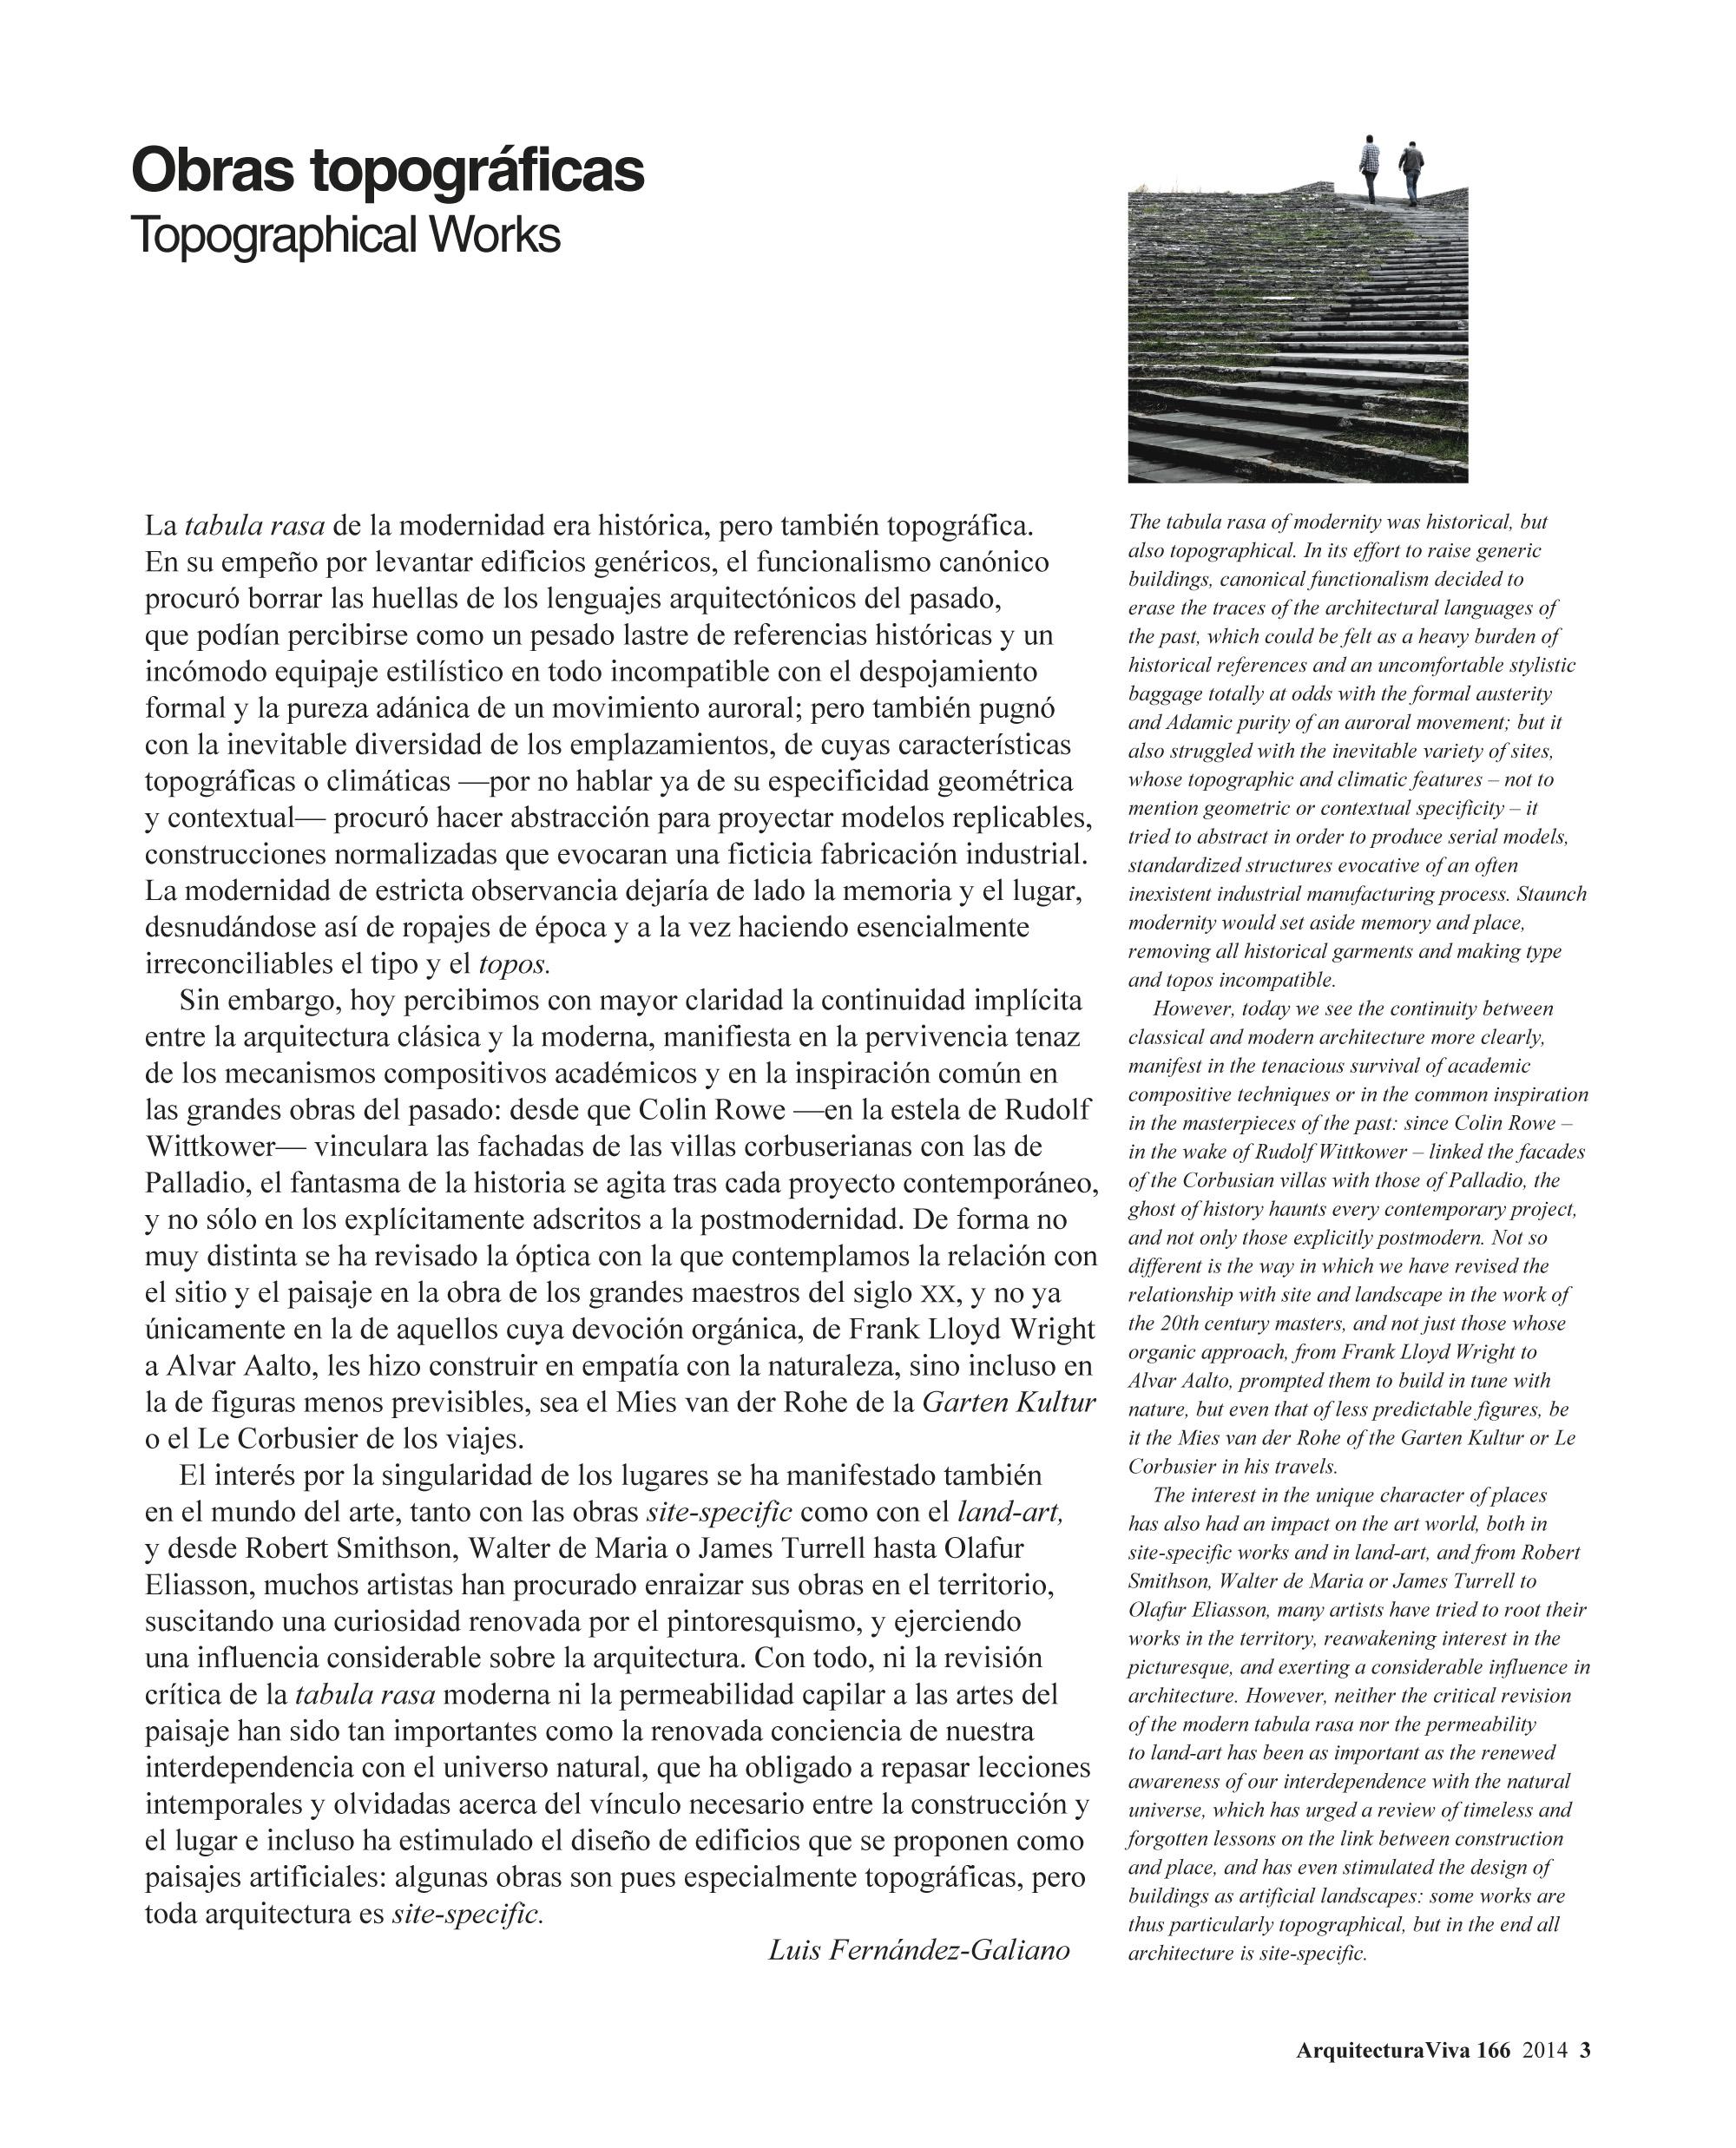 Obras topográficas